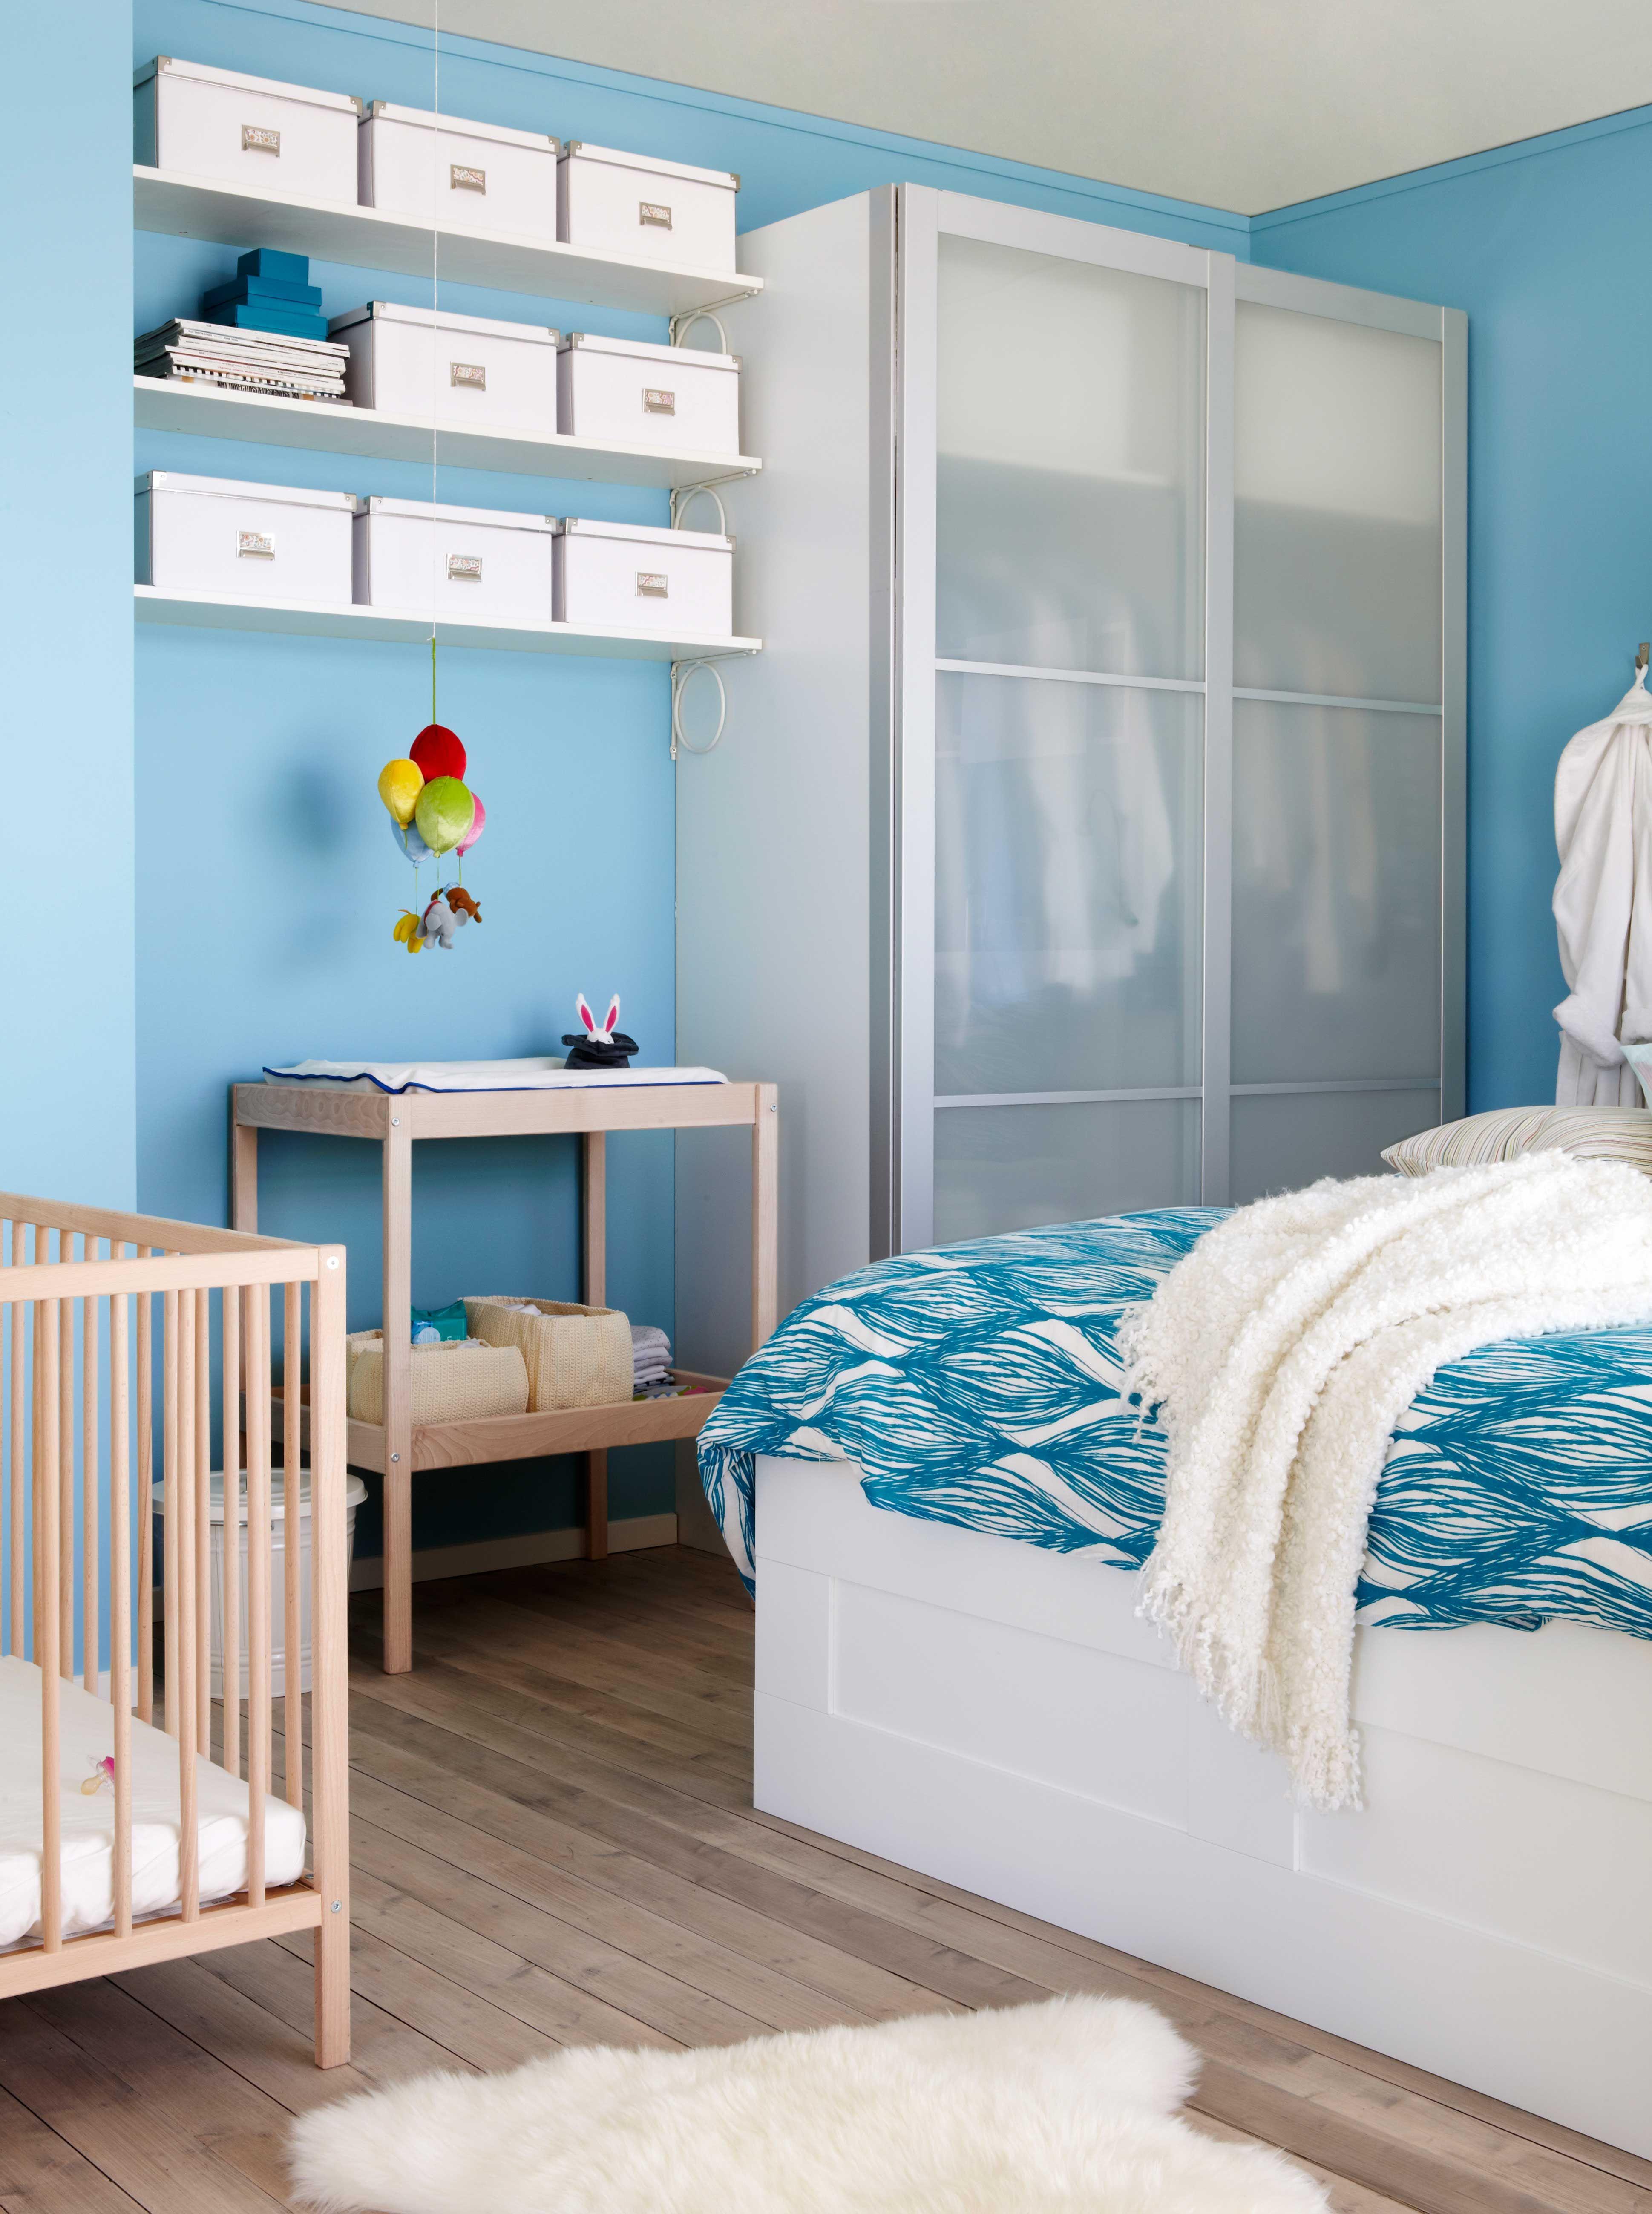 ikea Österreich, inspiration, schlafzimmer, blau, kleiderschrank, Schalfzimmer deko